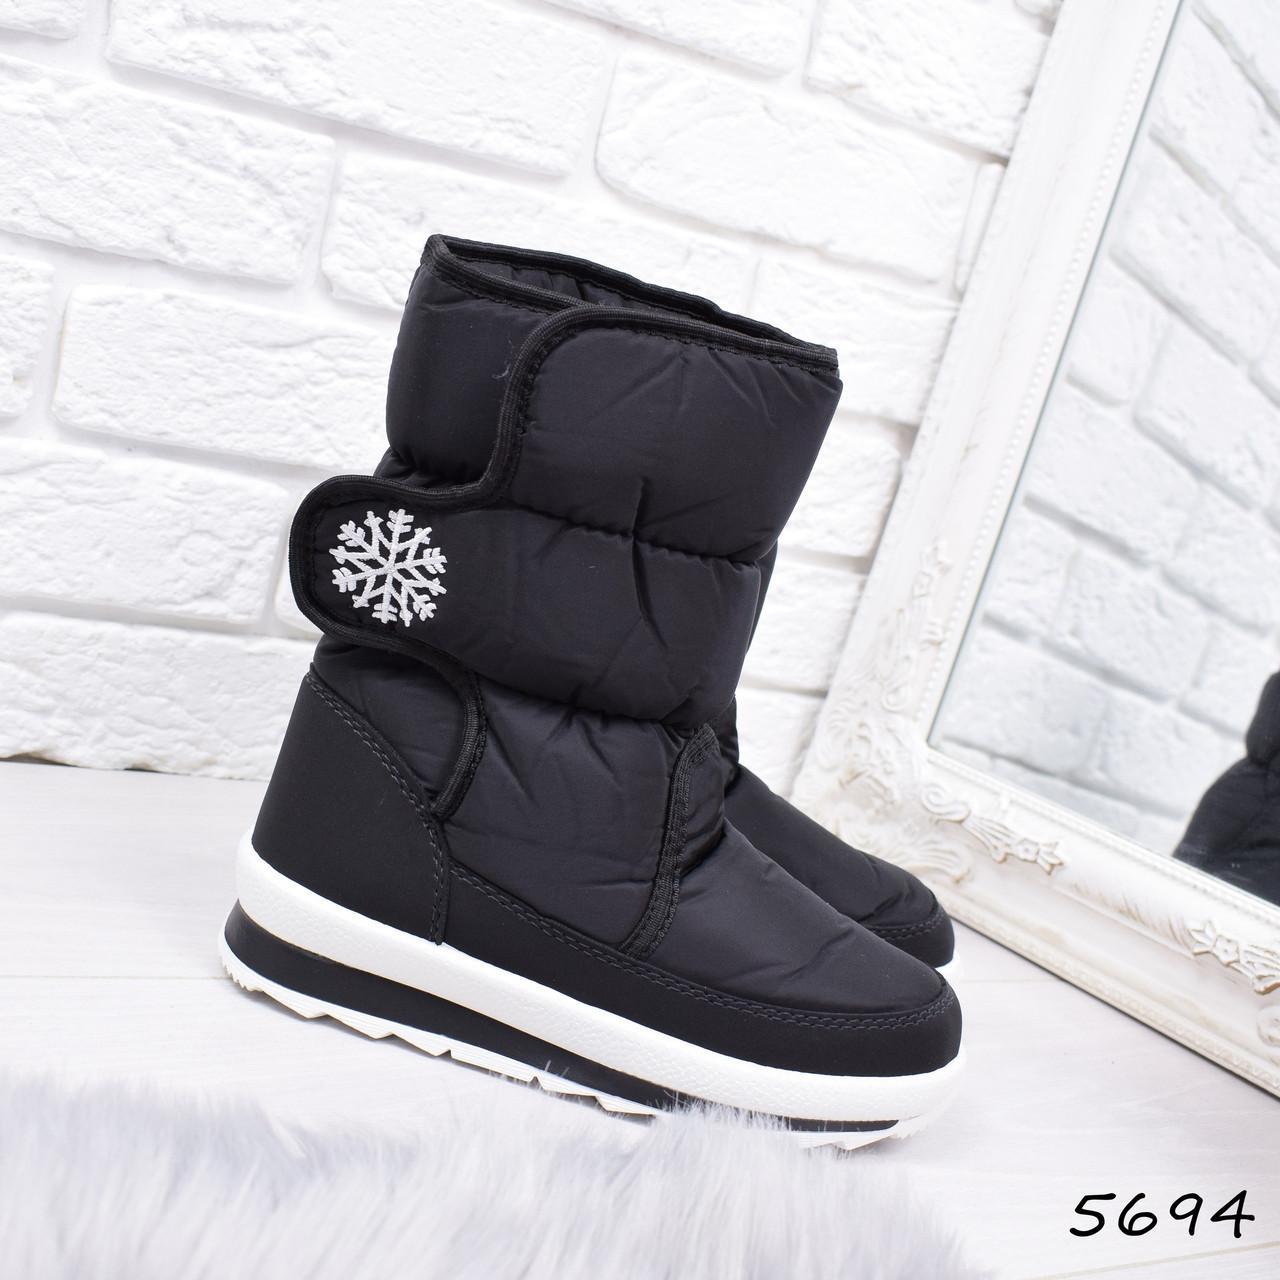 Сапоги дутики женские Снежинка черные , женская обувь